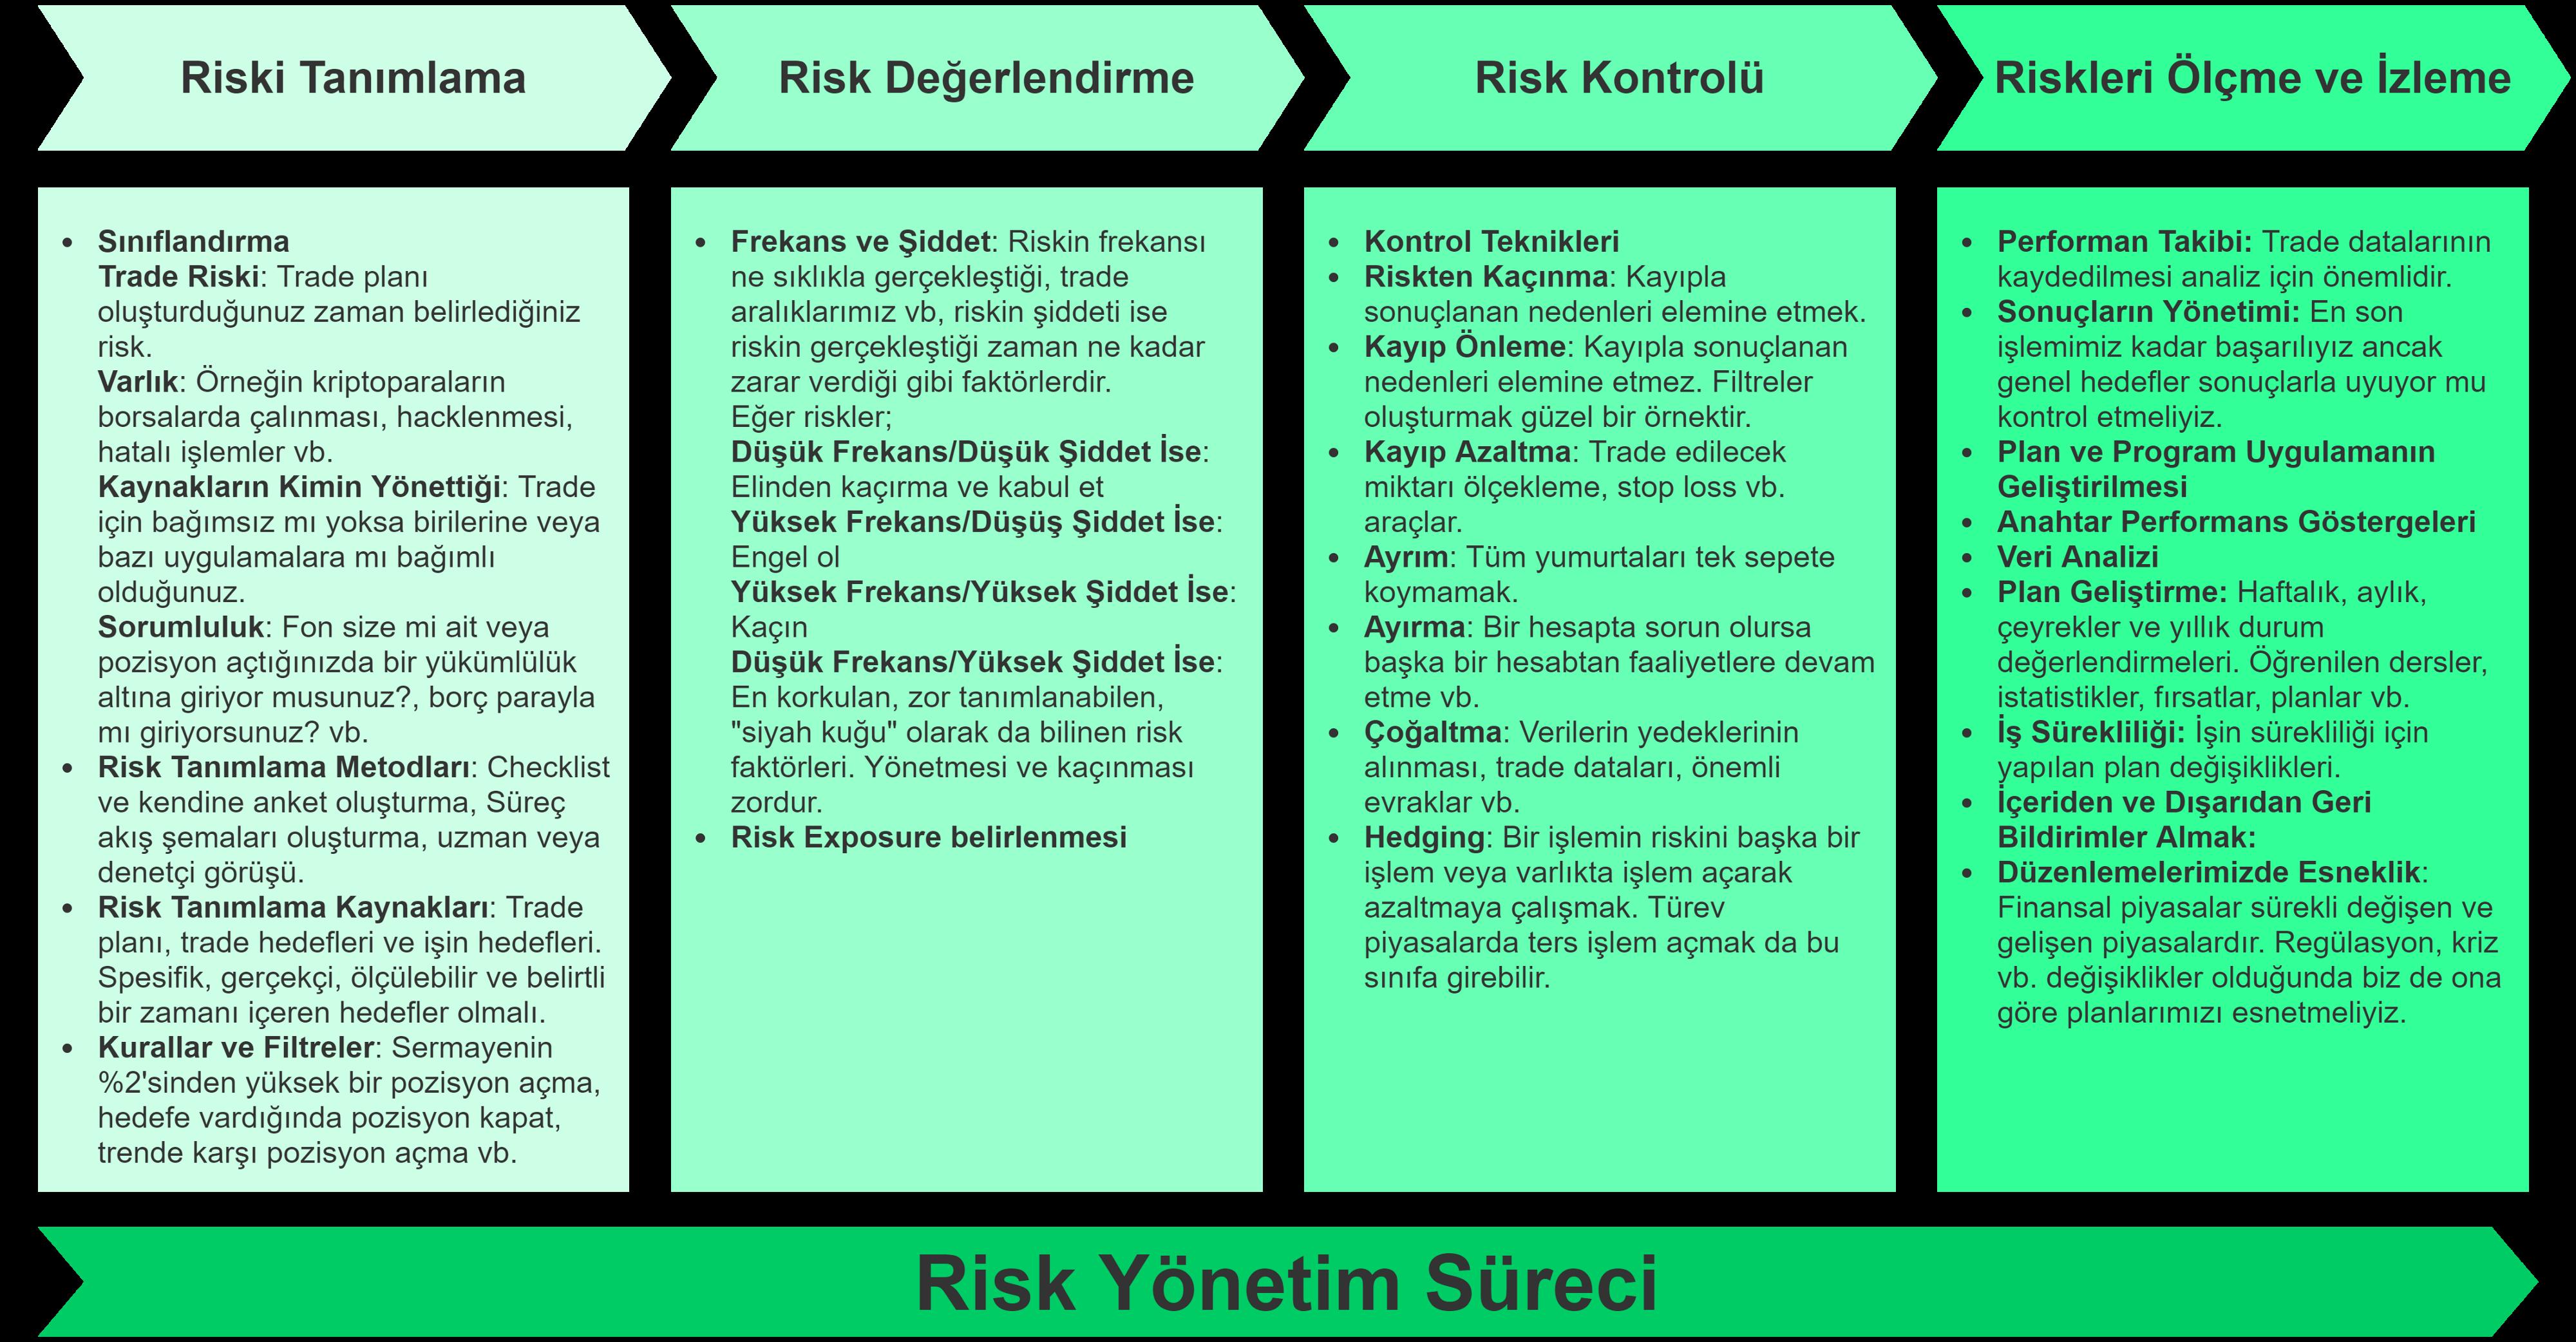 Kripto Paralar Risk Yönetimi